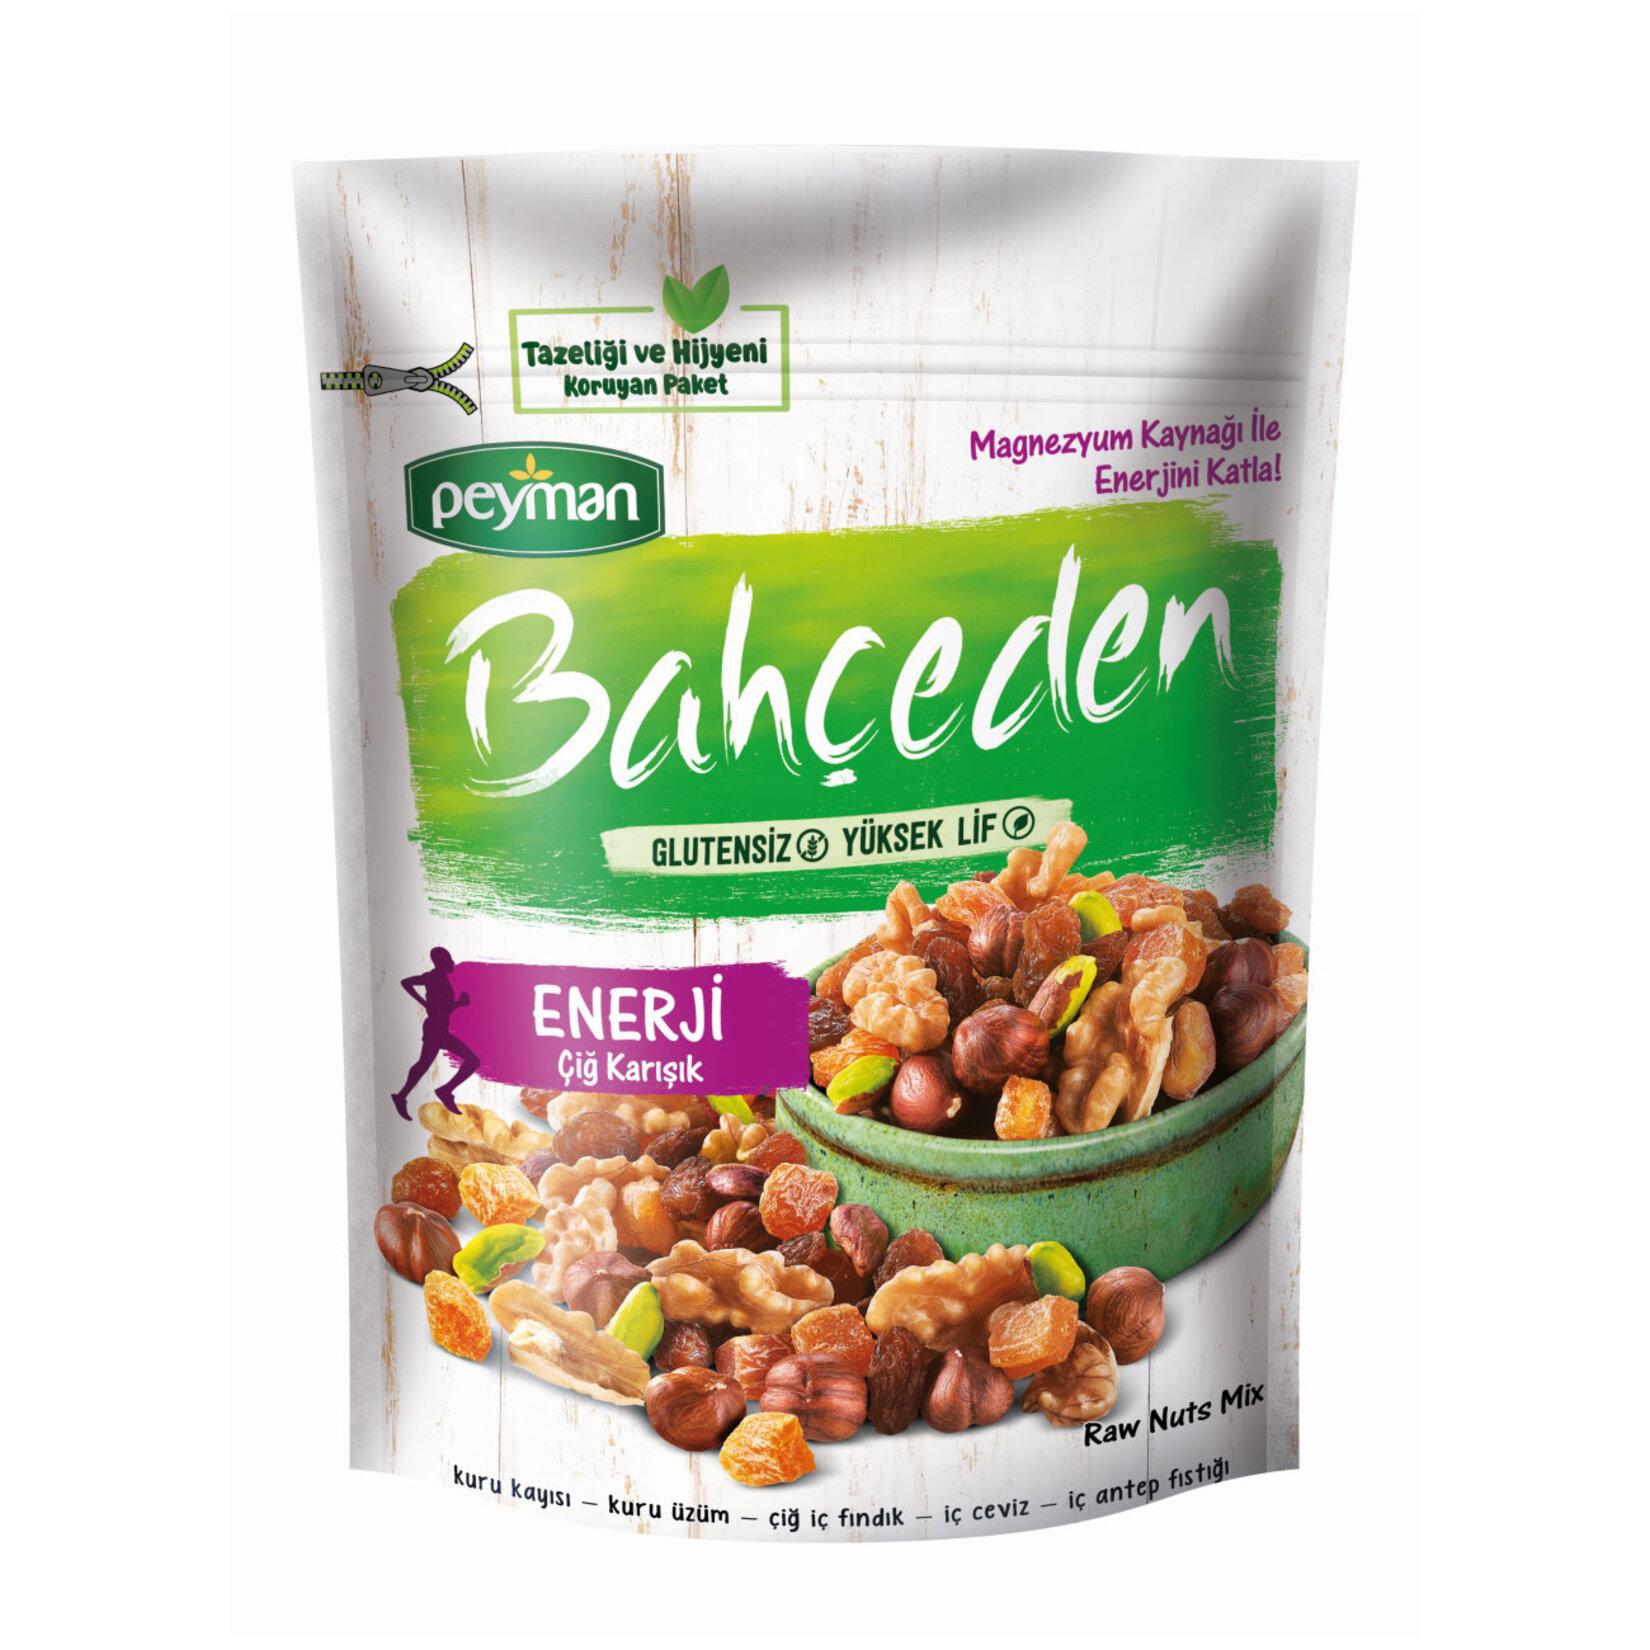 Peyman Bahceden Gluten Free Raw Mix 140 gr